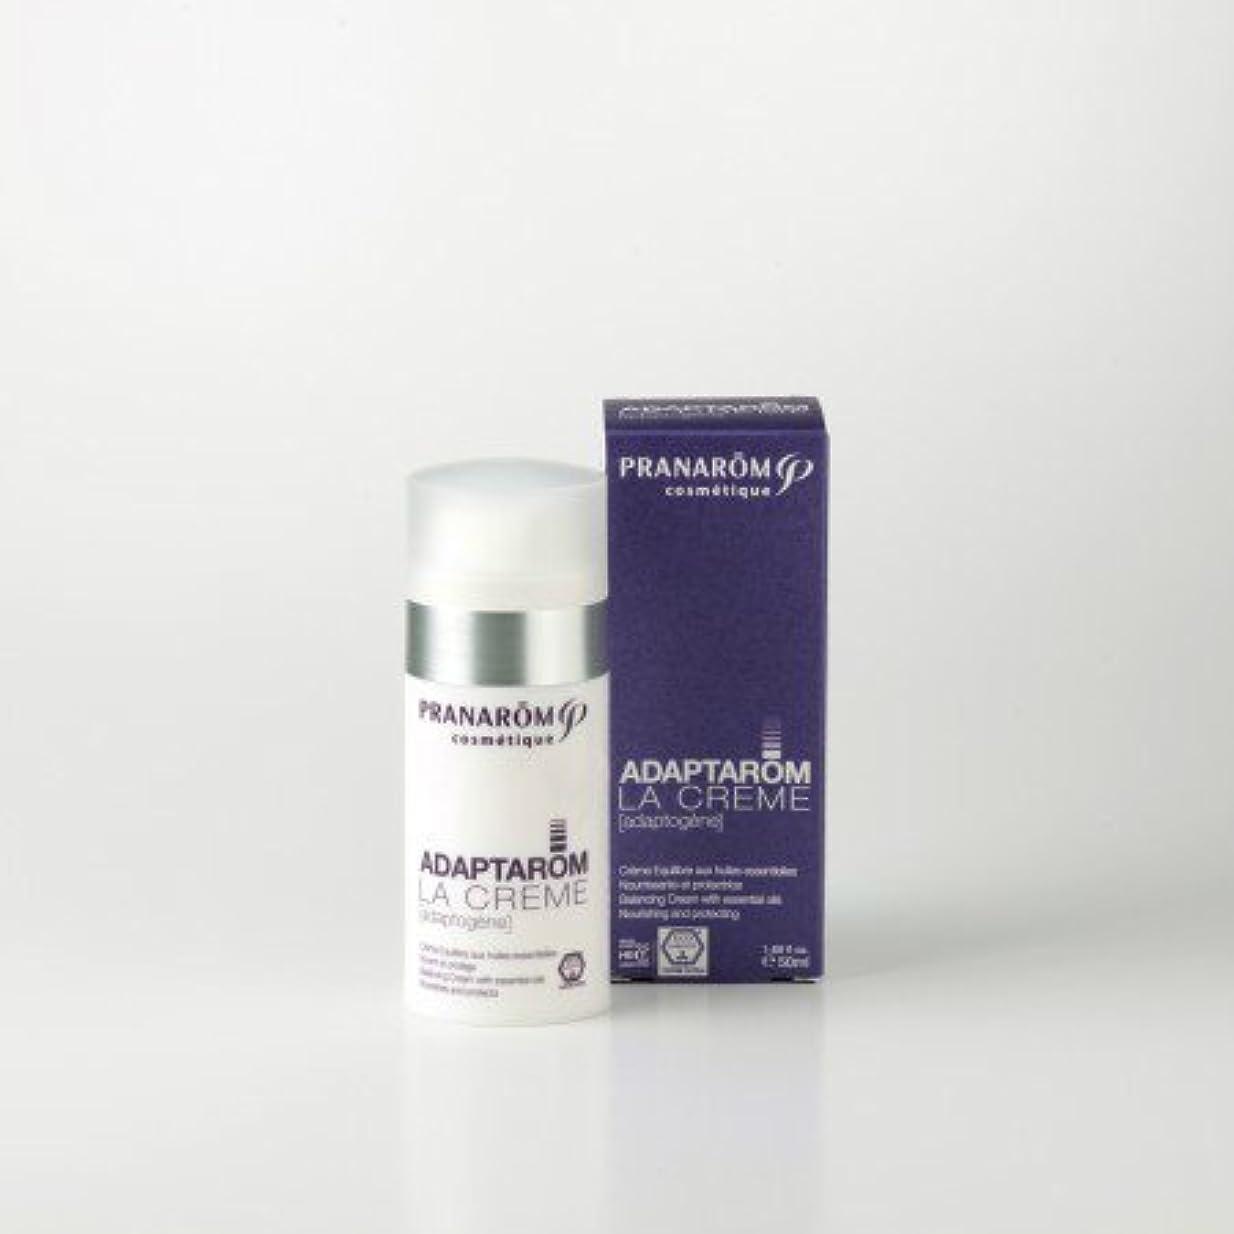 ウィスキークライマックス見捨てられたプラナロム アダプタロム クリーム 50ml (PRANAROM 基礎化粧品 アダプタロム)